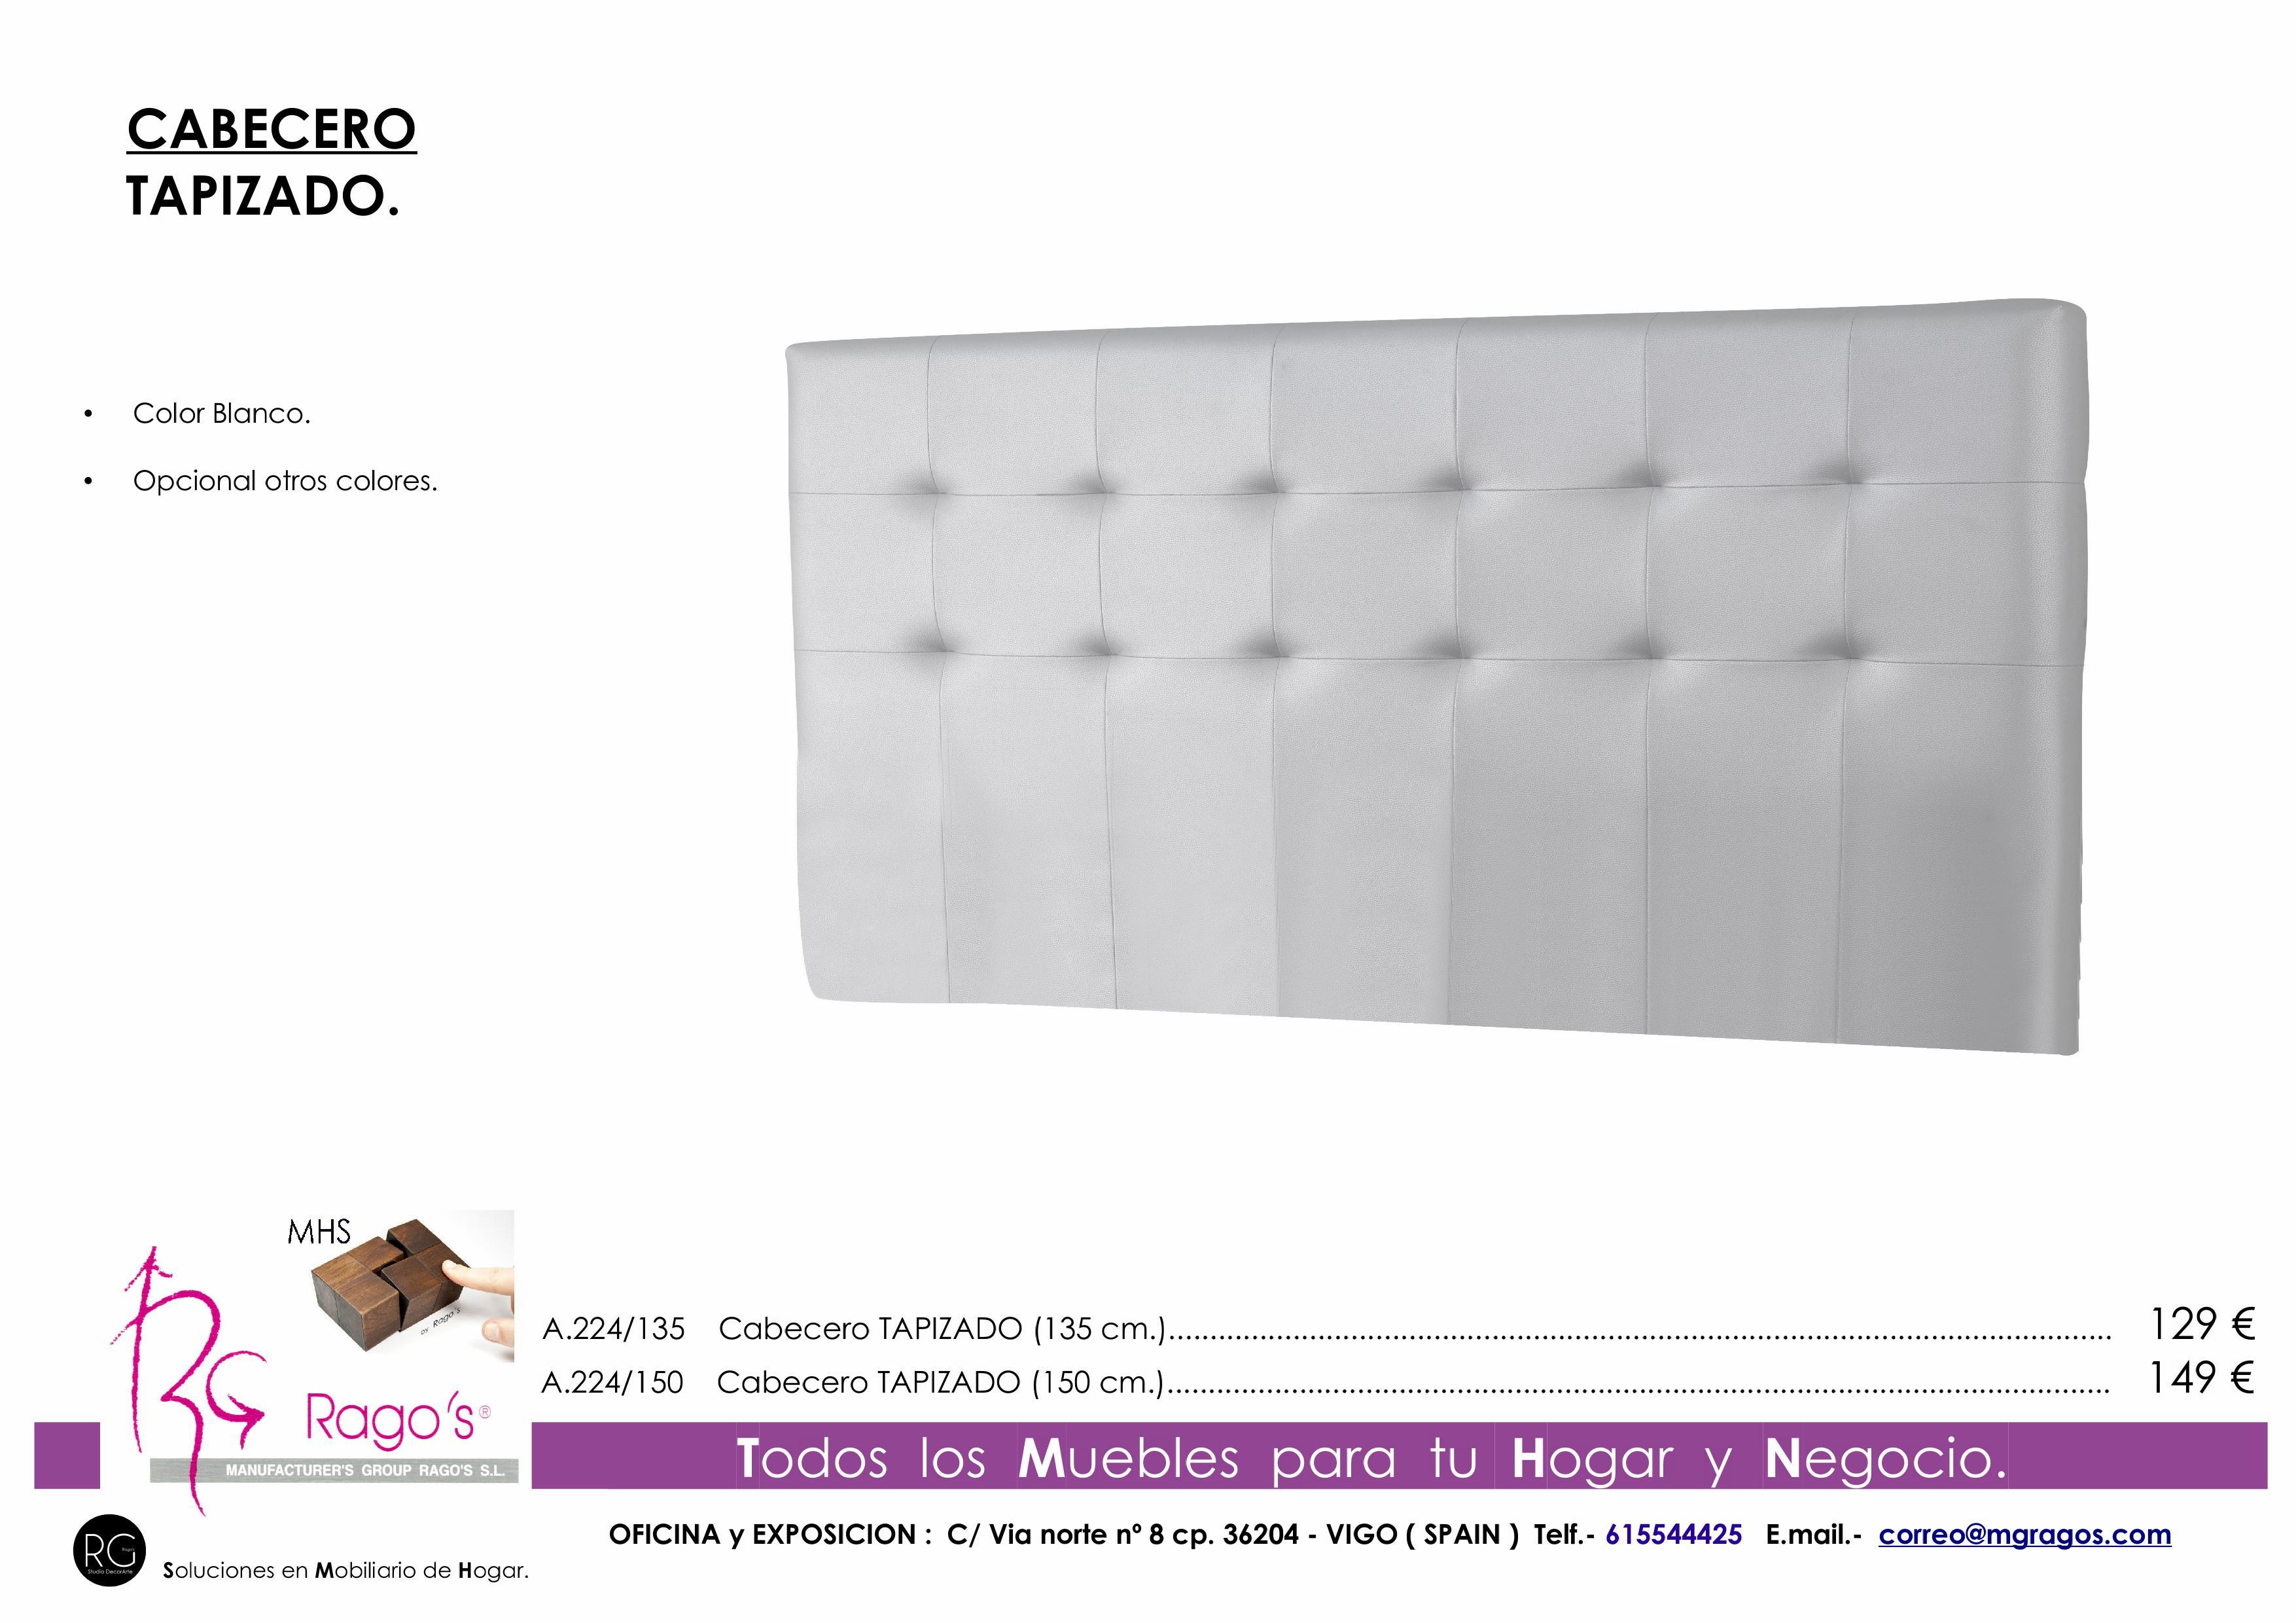 A.224 BLANCA Cabecero tapizado Pag nº 10